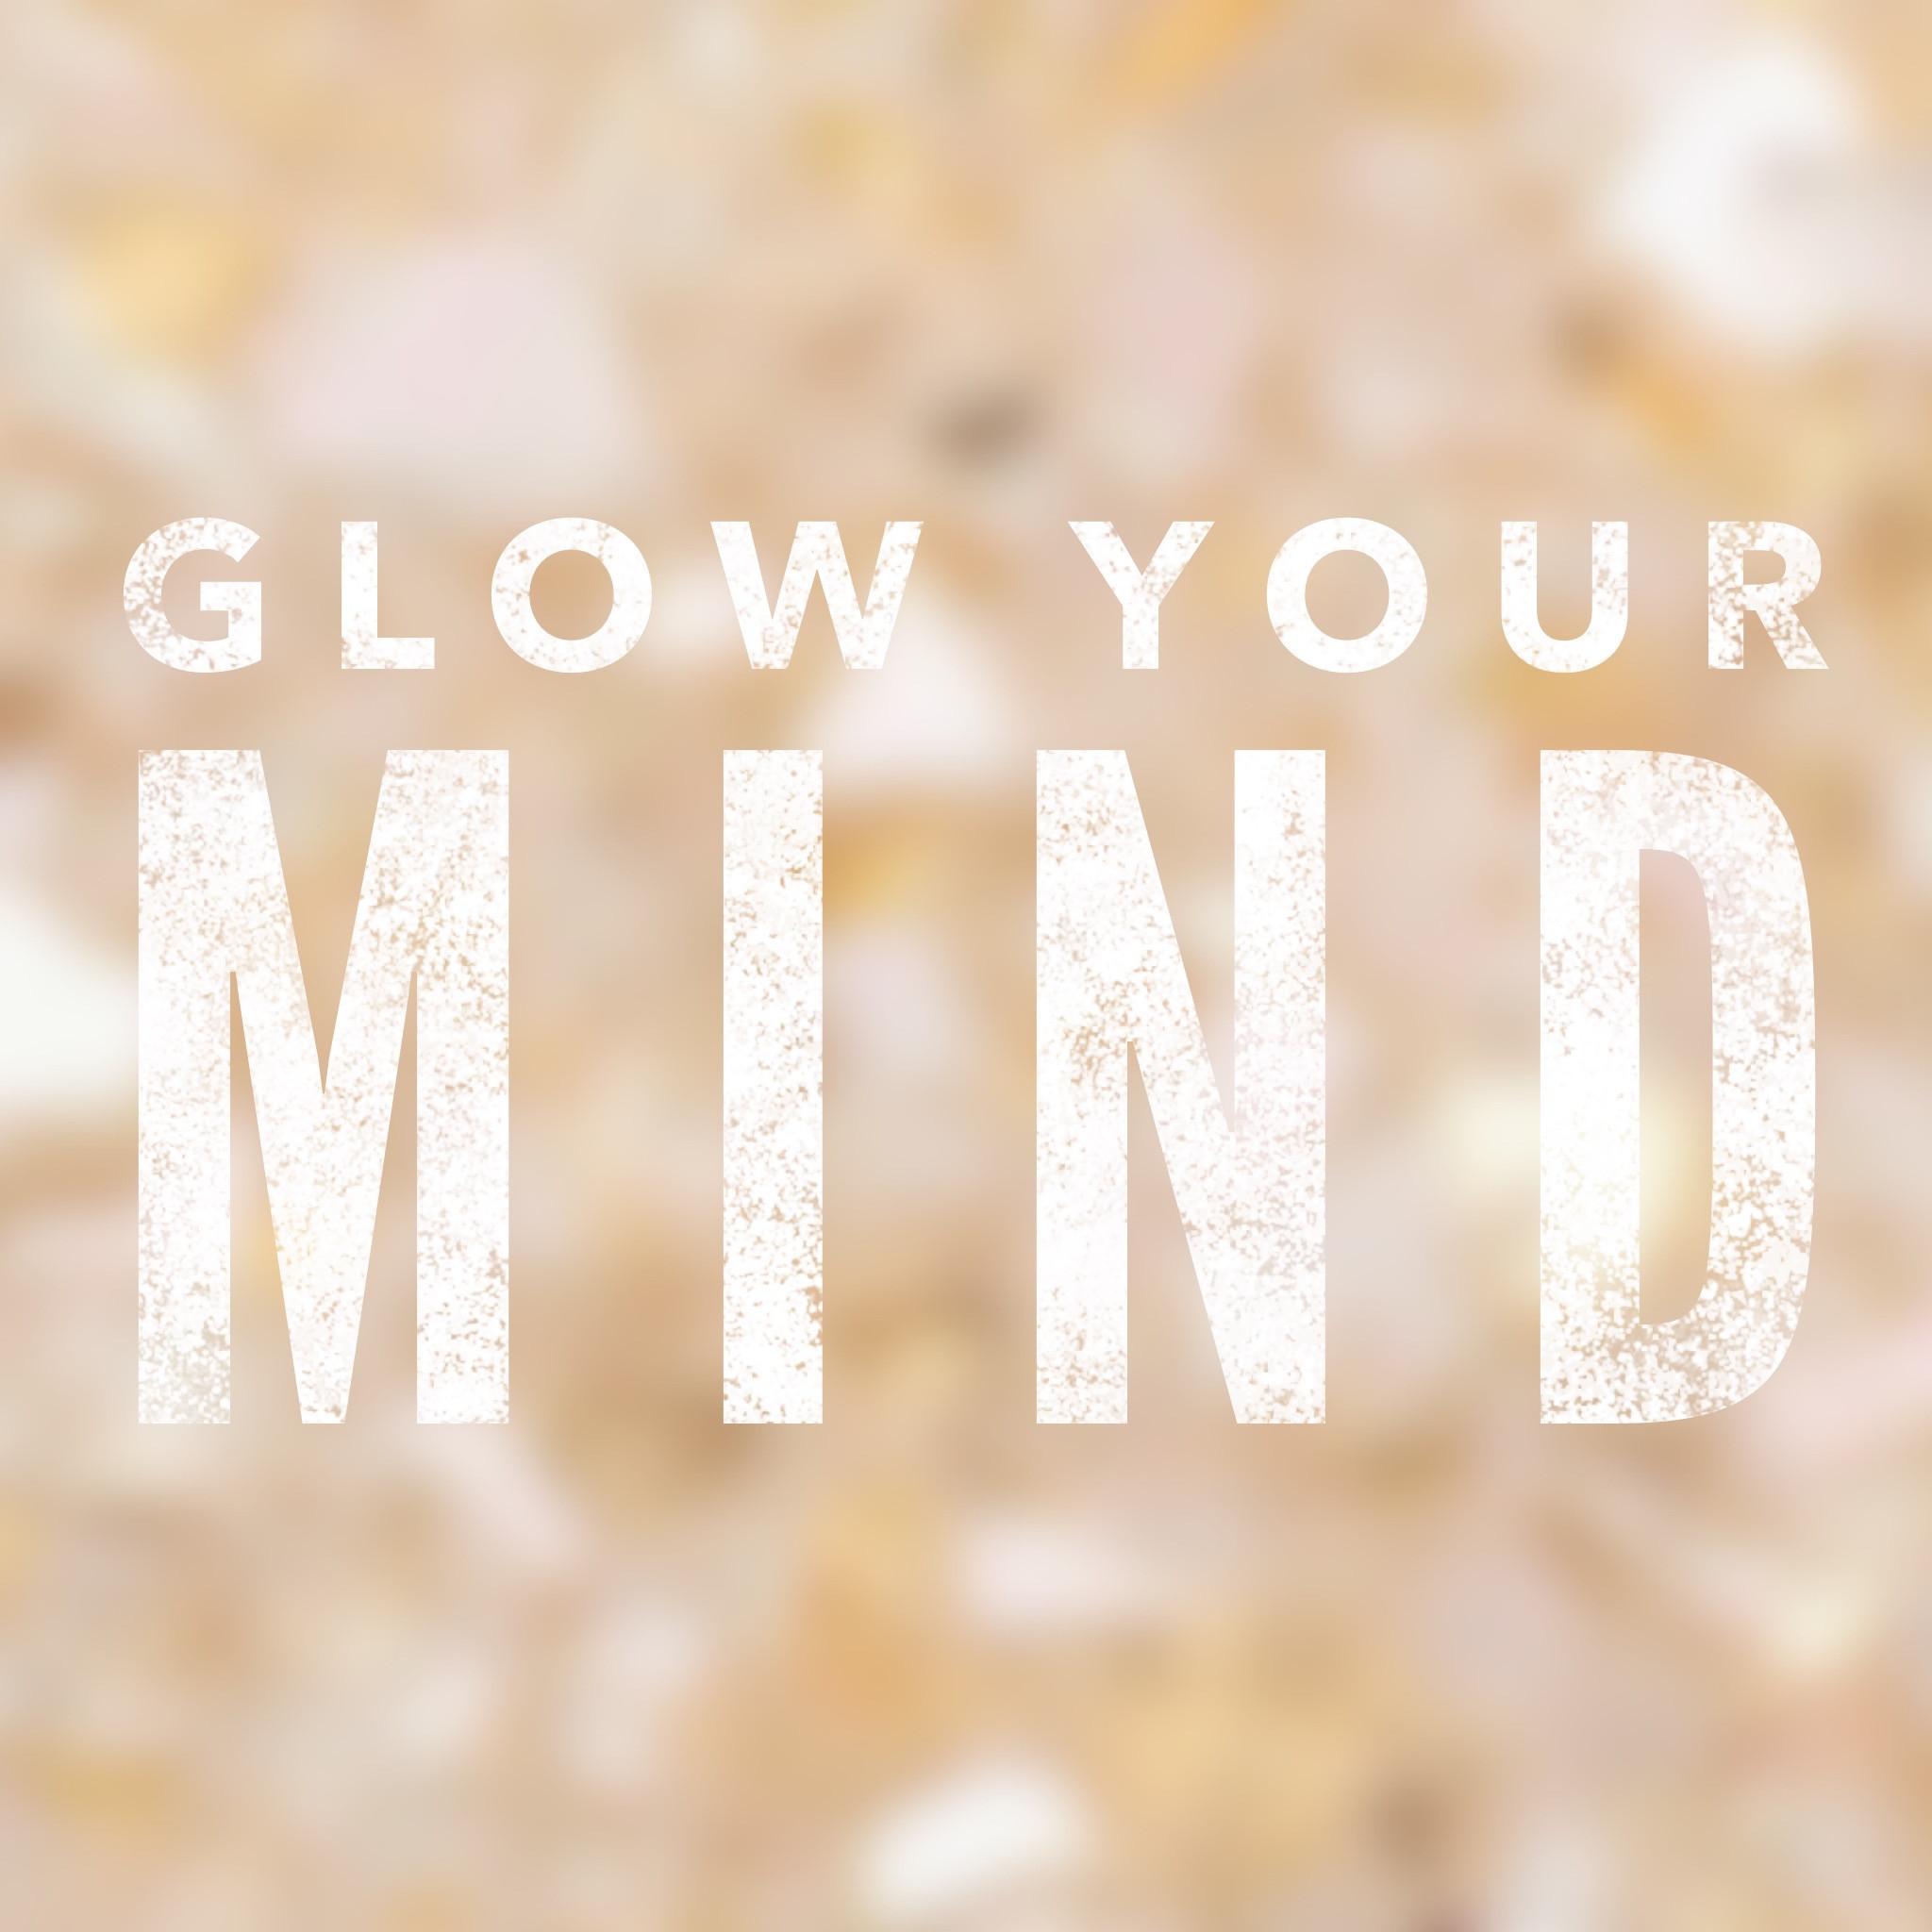 GLOW YOUR MIND